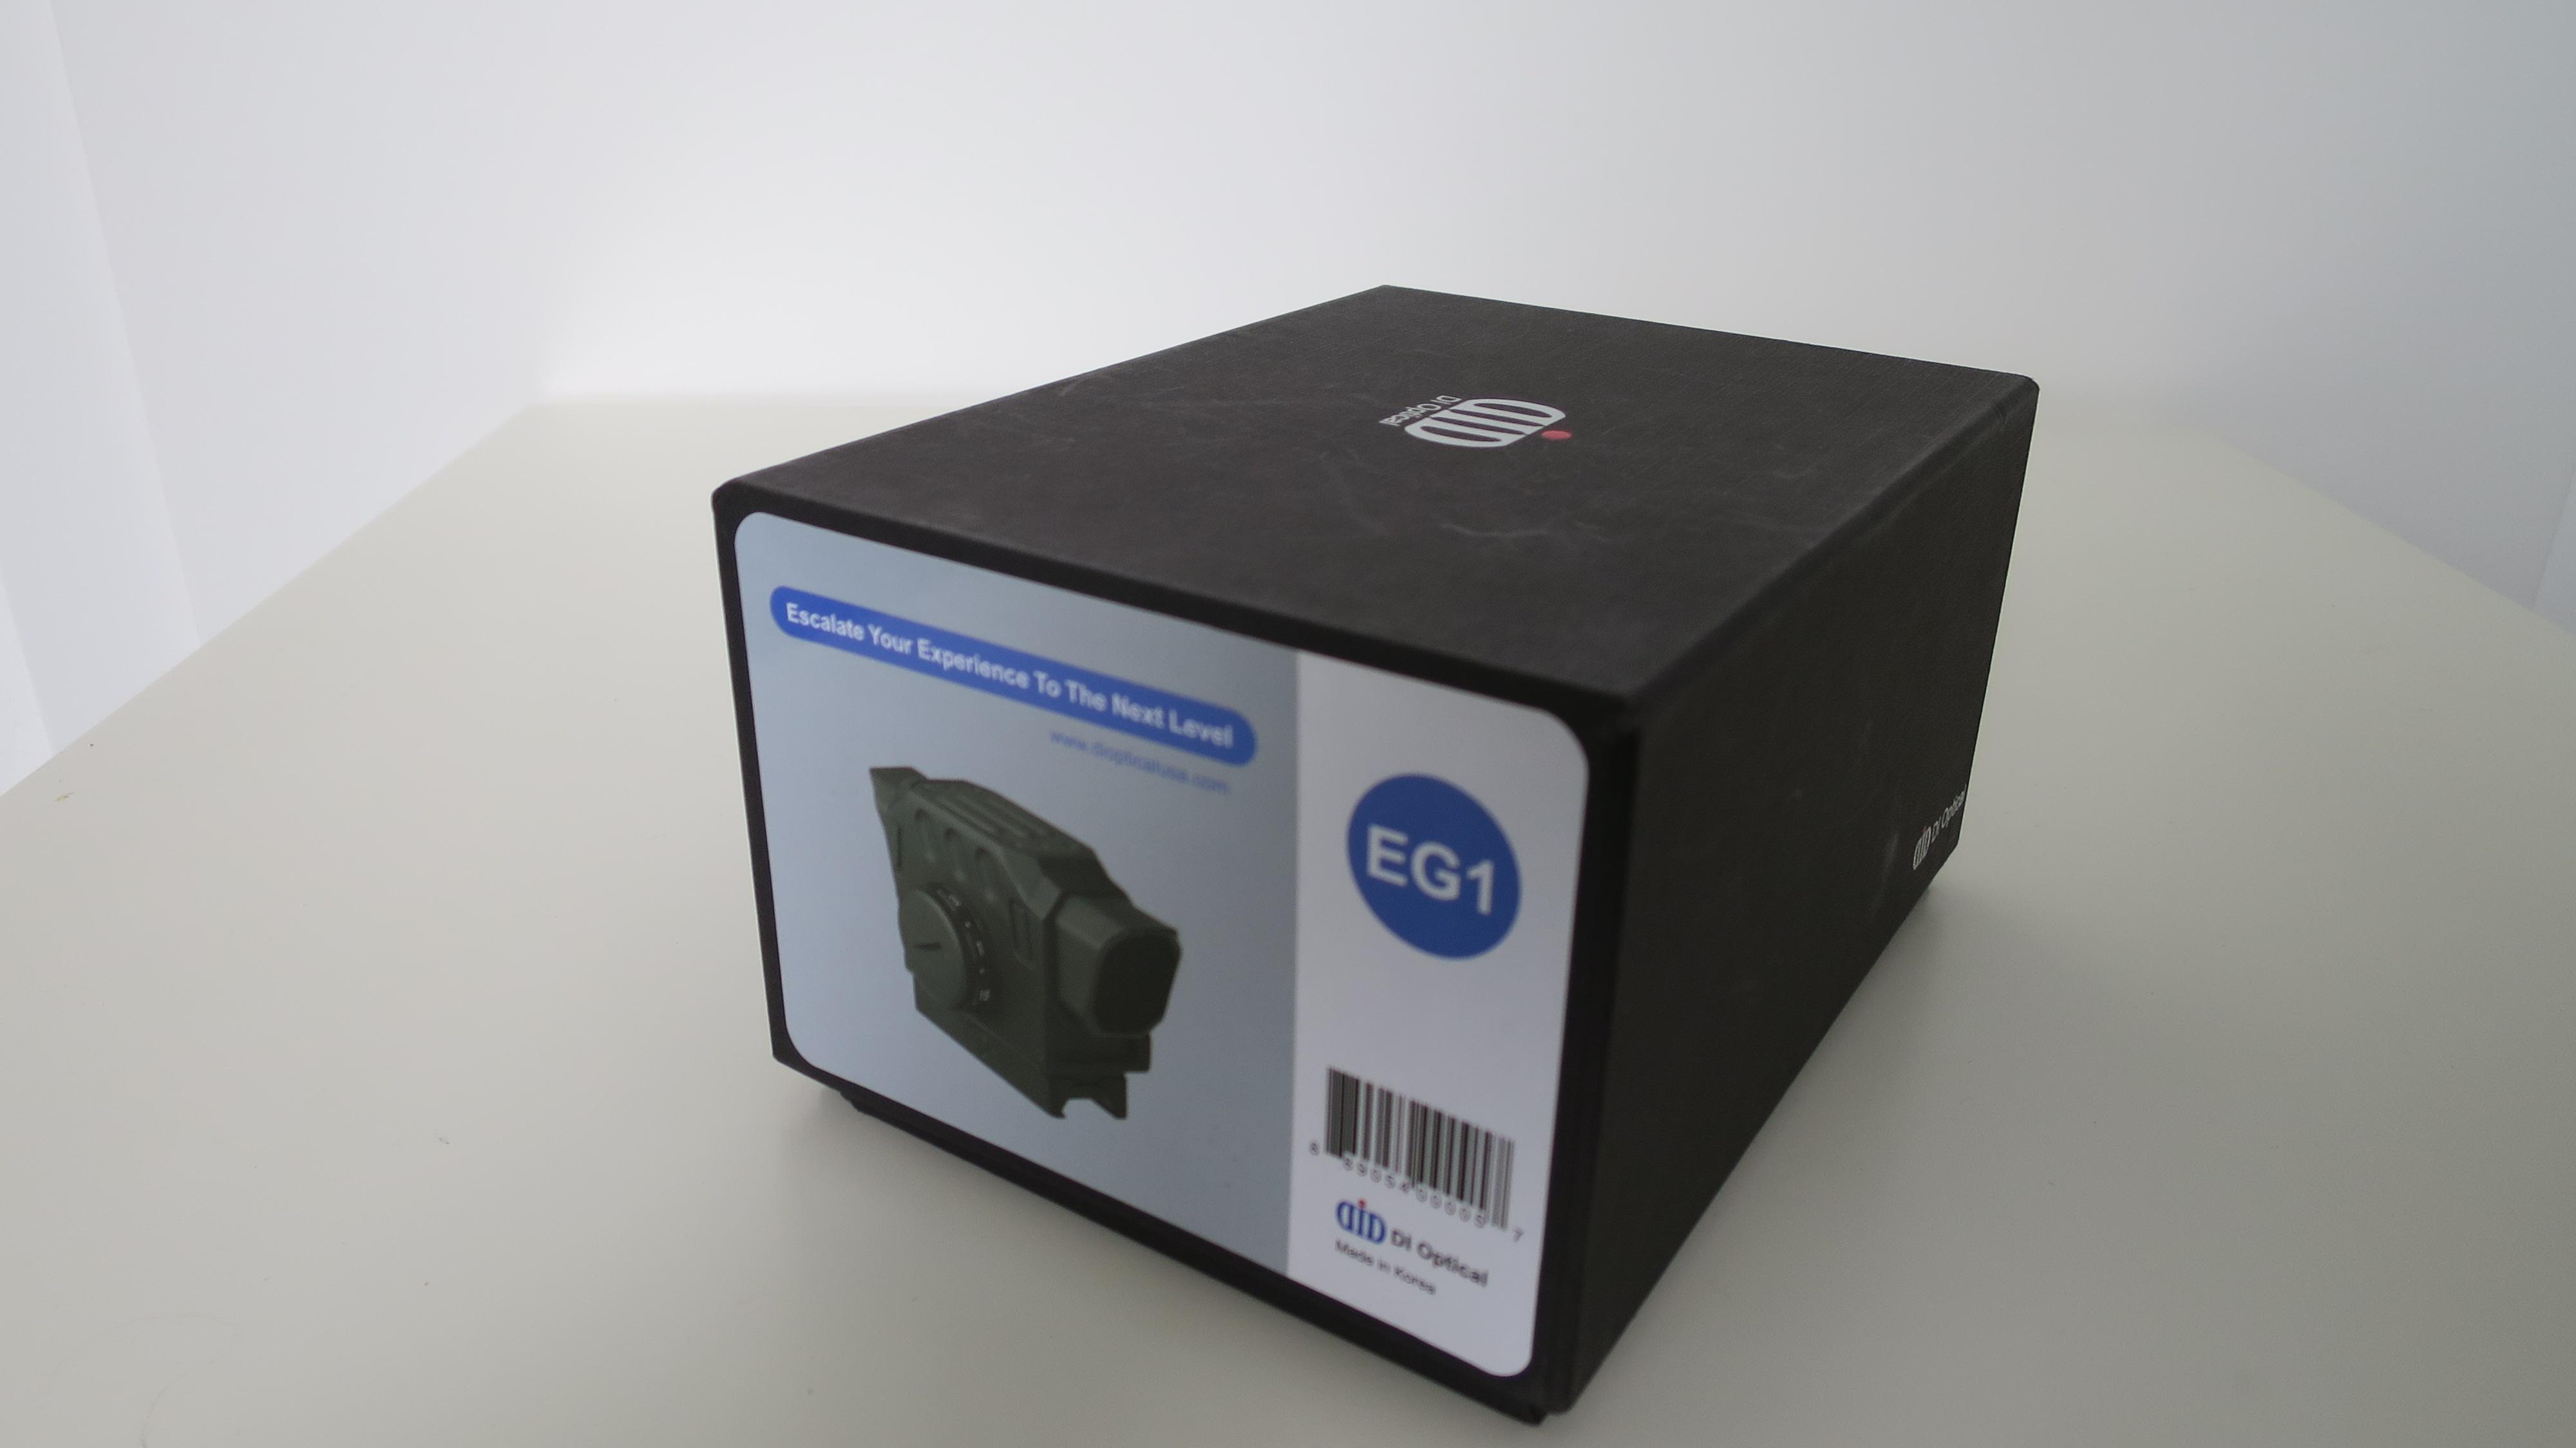 EG1's box